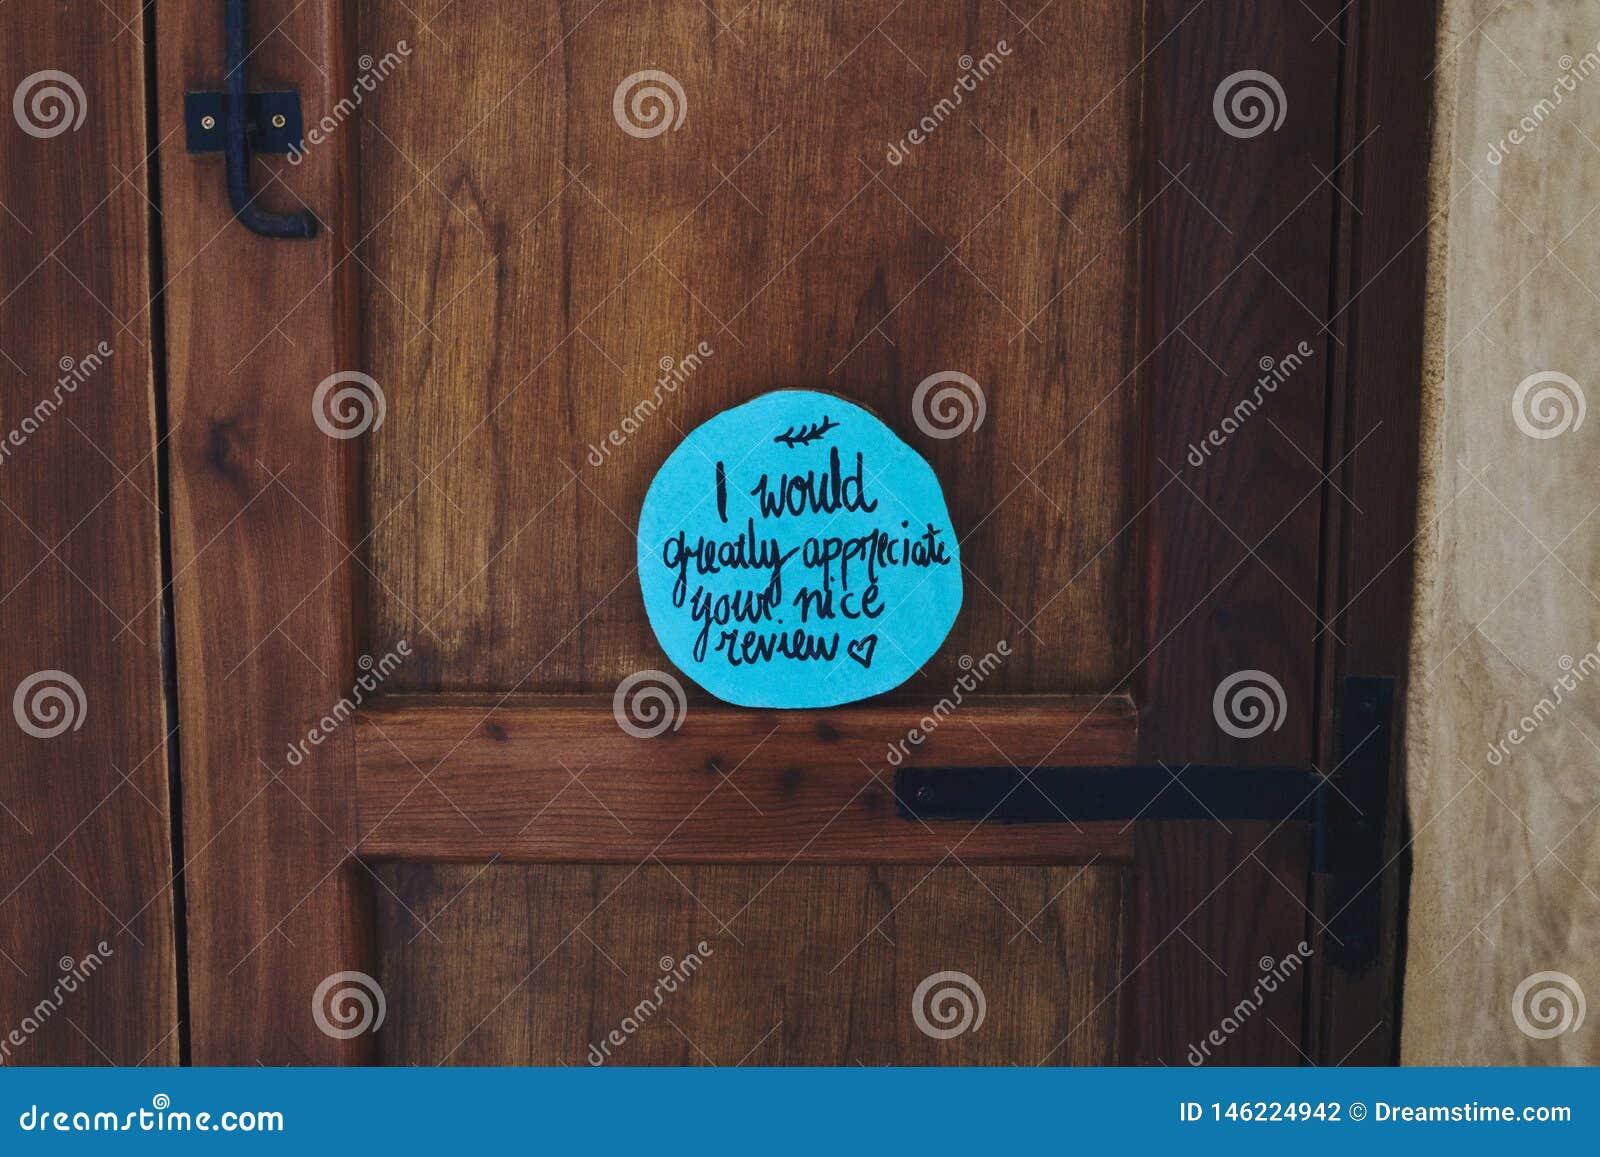 Pozytywny życzenie na drzwi